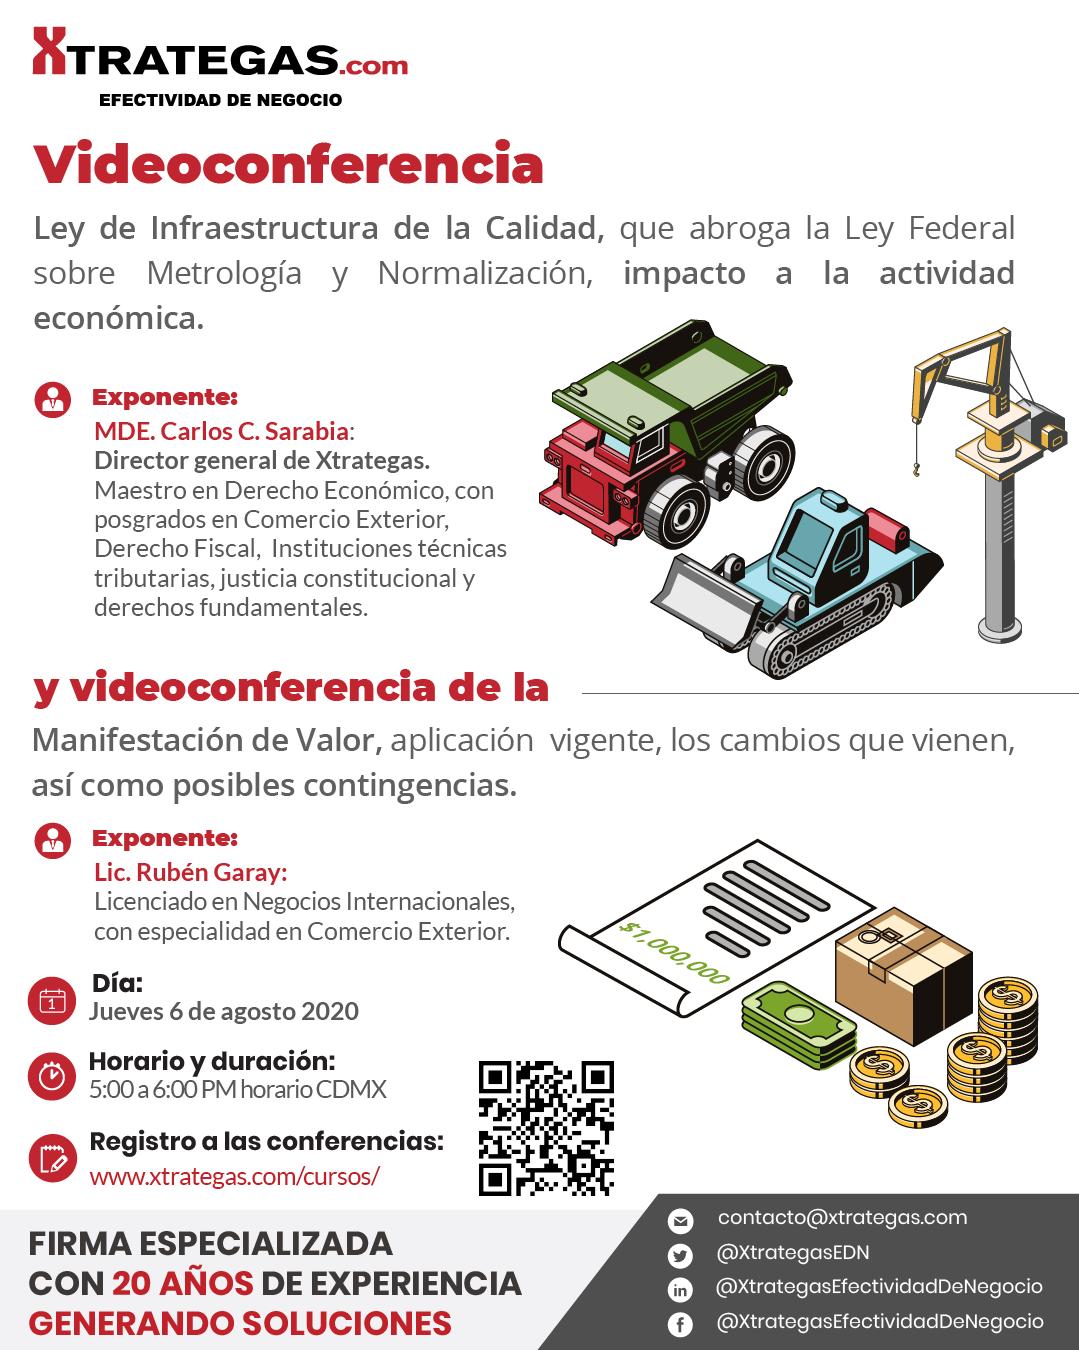 ciclo-de-videoconferencias-xtrategas-julio-2020-30-ley-de-infraestructura-de-calidad-4